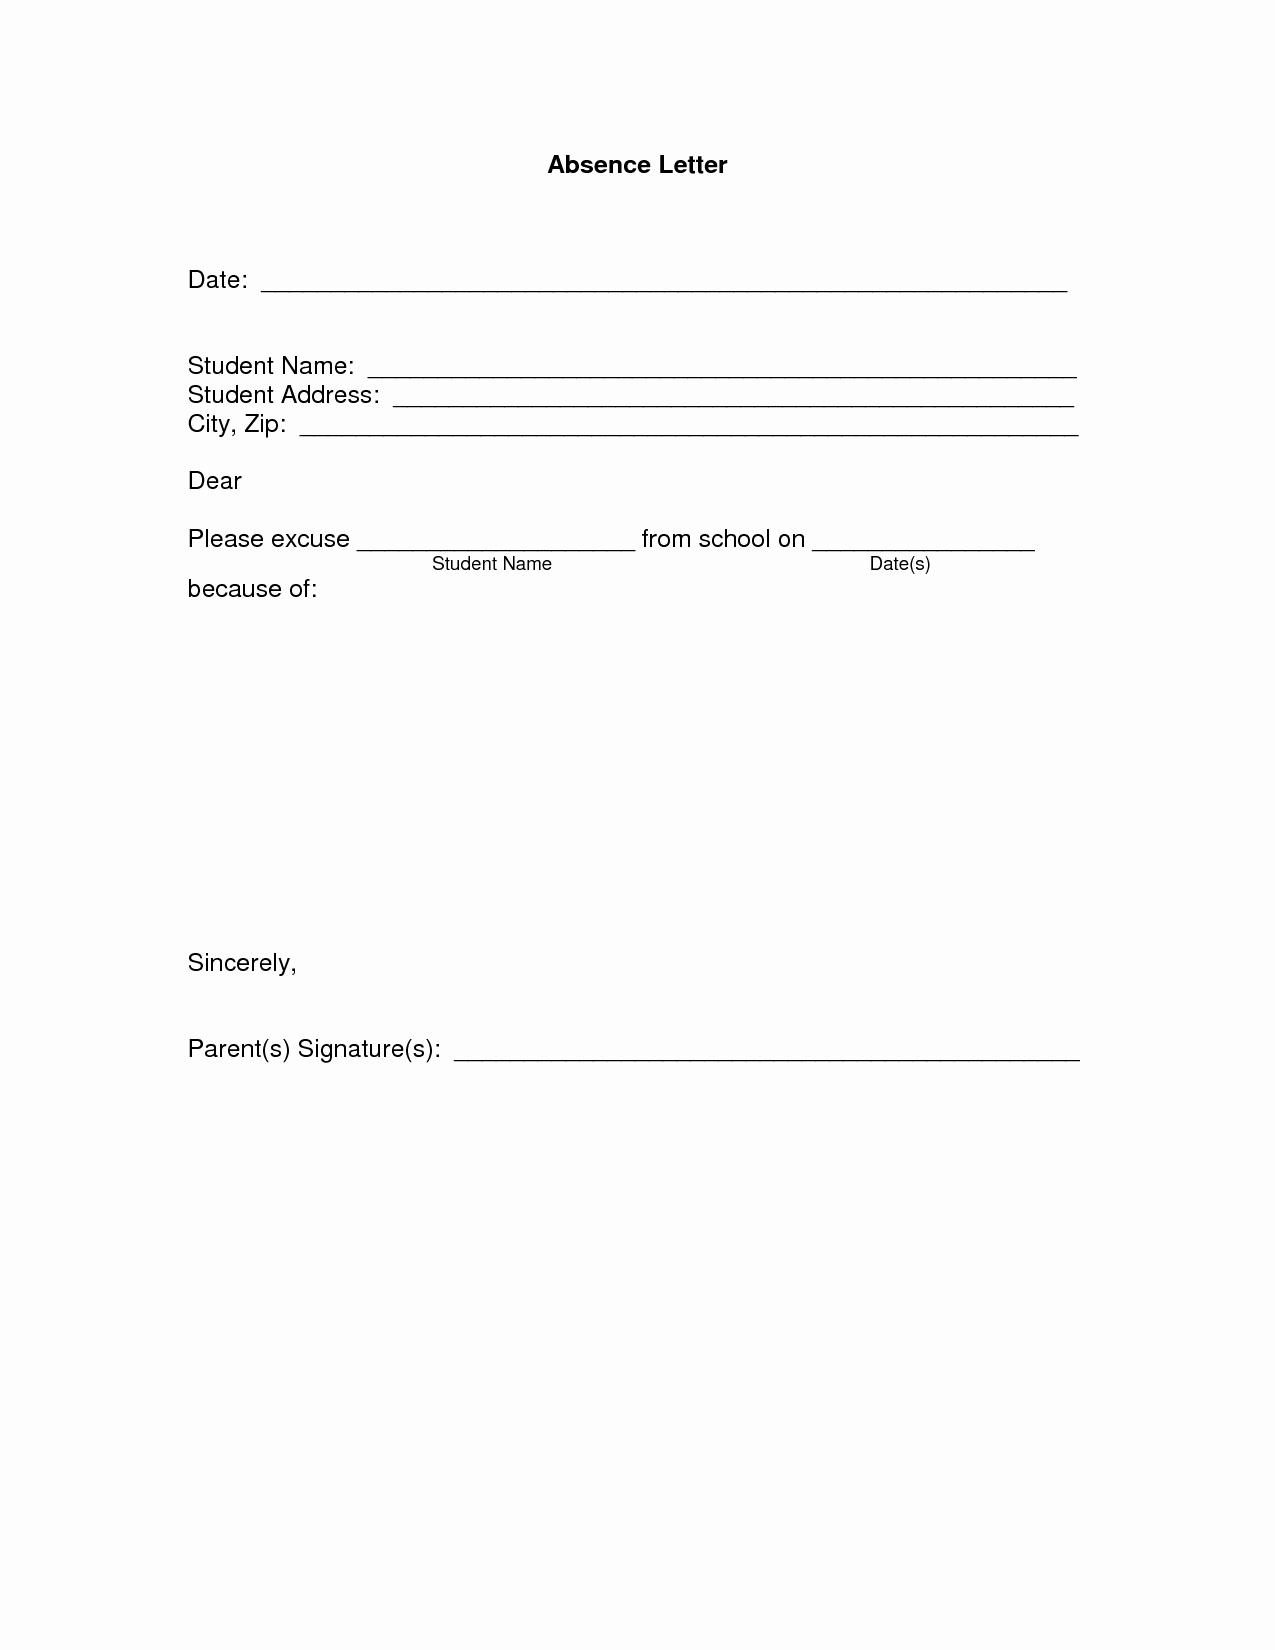 Absent From School Letter Sample Elegant Best S Of Student Absence Letter Student Absence